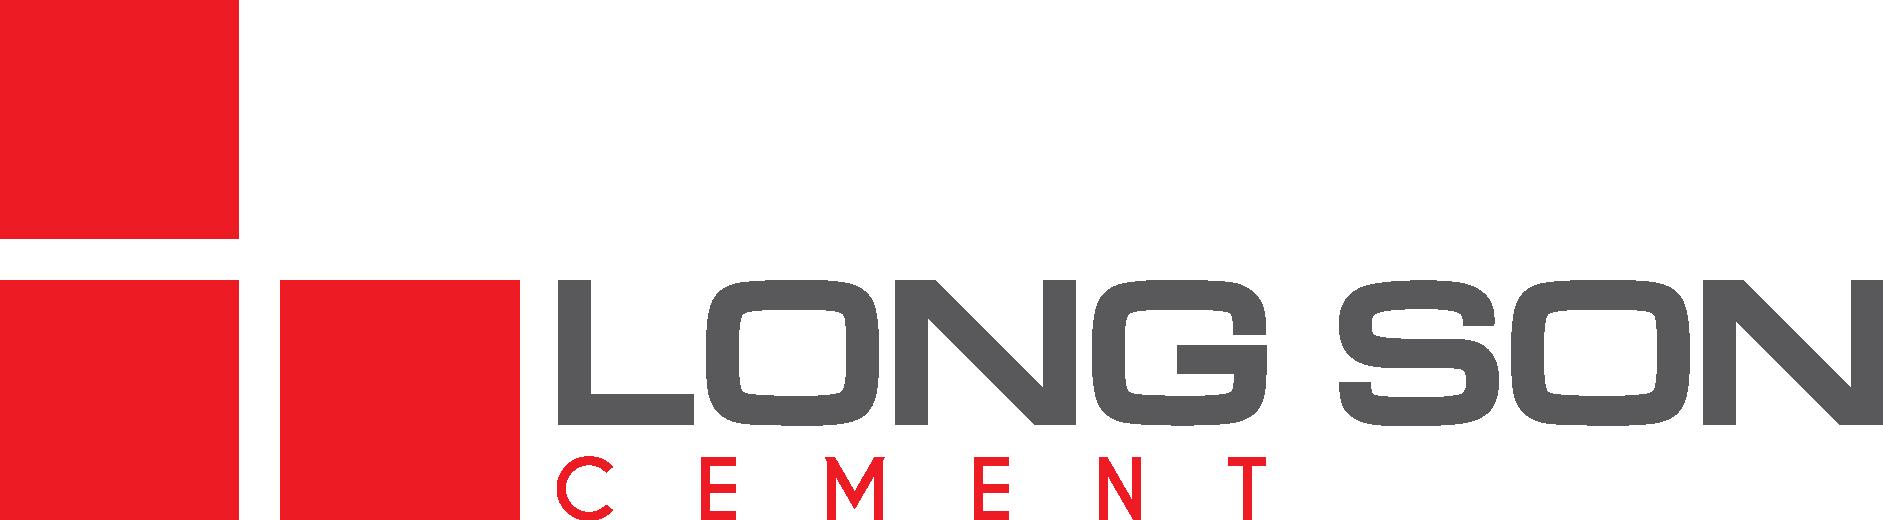 Nhà máy xi măng Long Sơn